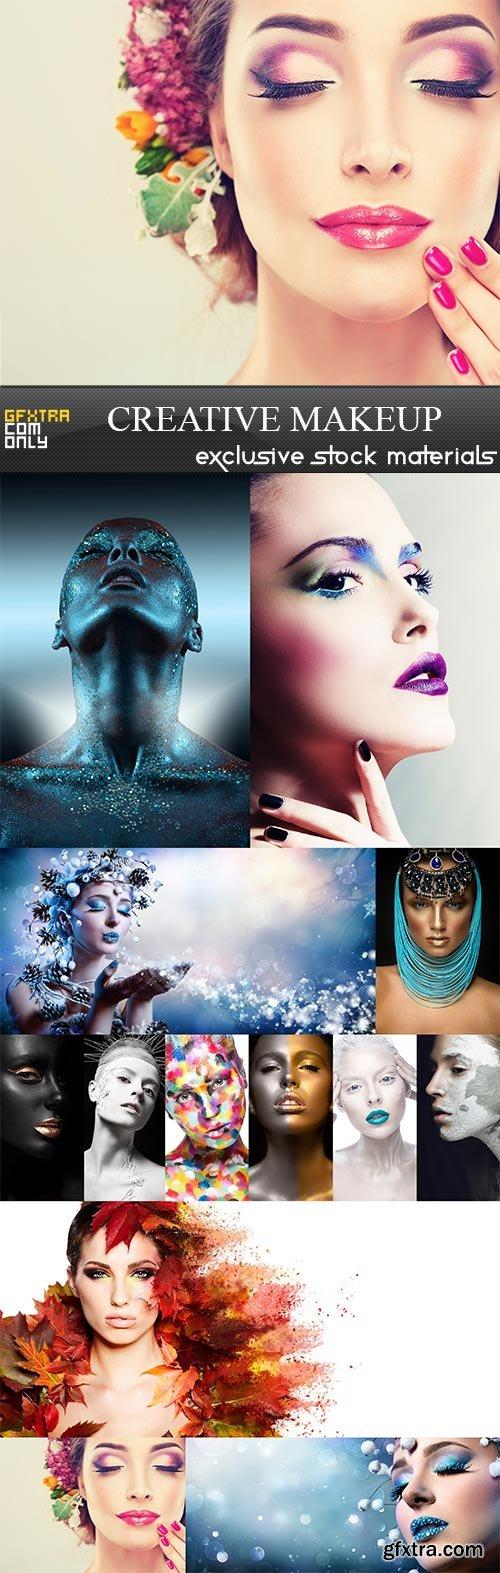 Creative makeup, 8  x  UHQ JPEG